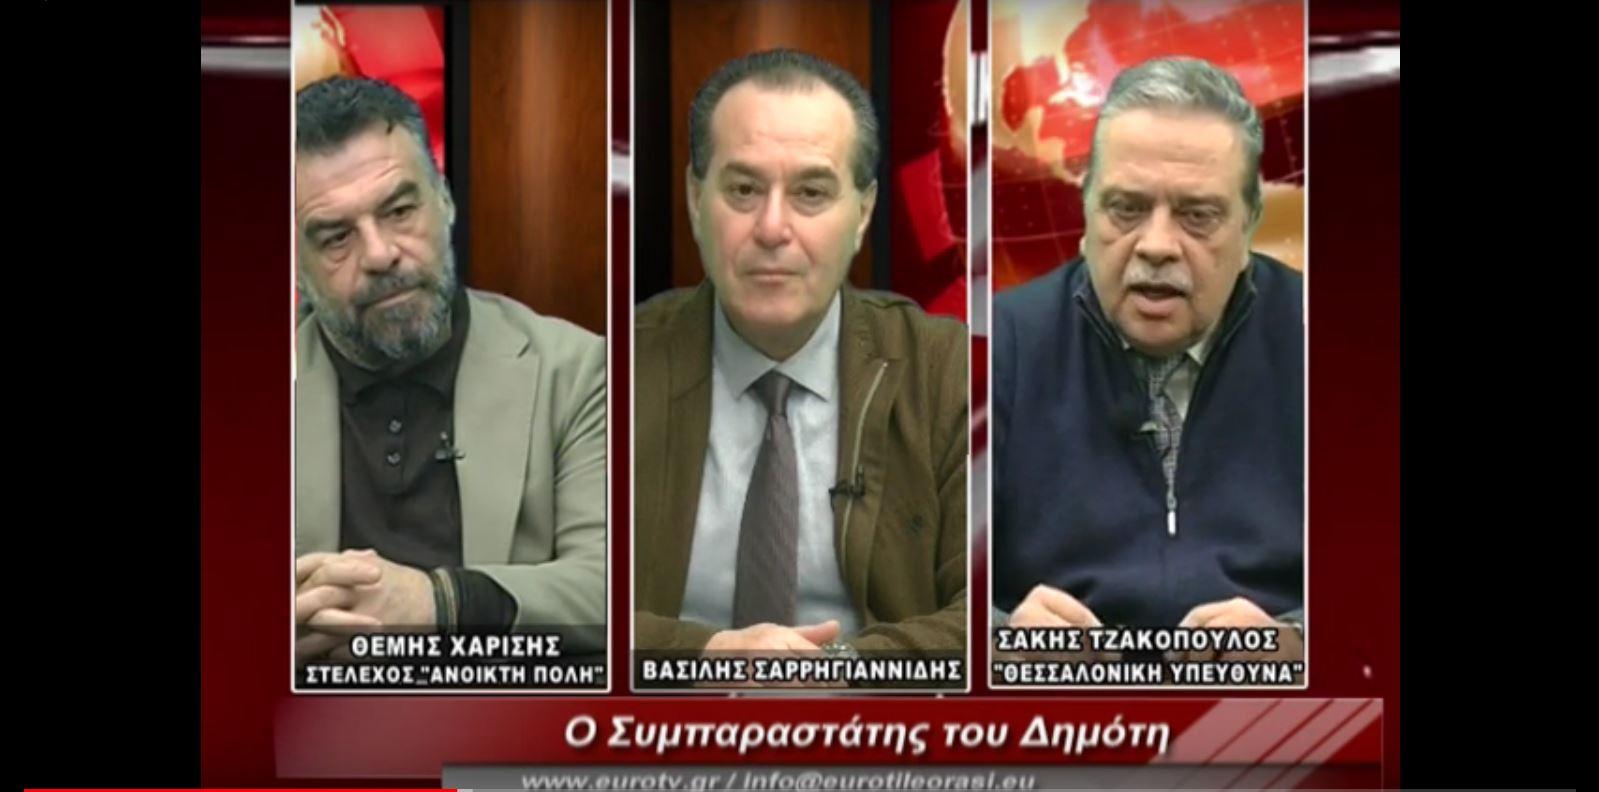 """Συνέντευξη στην εκπομή """"Συμπαραστάτης του Δημότη"""" με τον Βασίλη Σαρρηγιαννίδη. Προσκεκλημένοι ο Σάκης Τζακόπουλος και ο Θέμης Χαρίσης."""